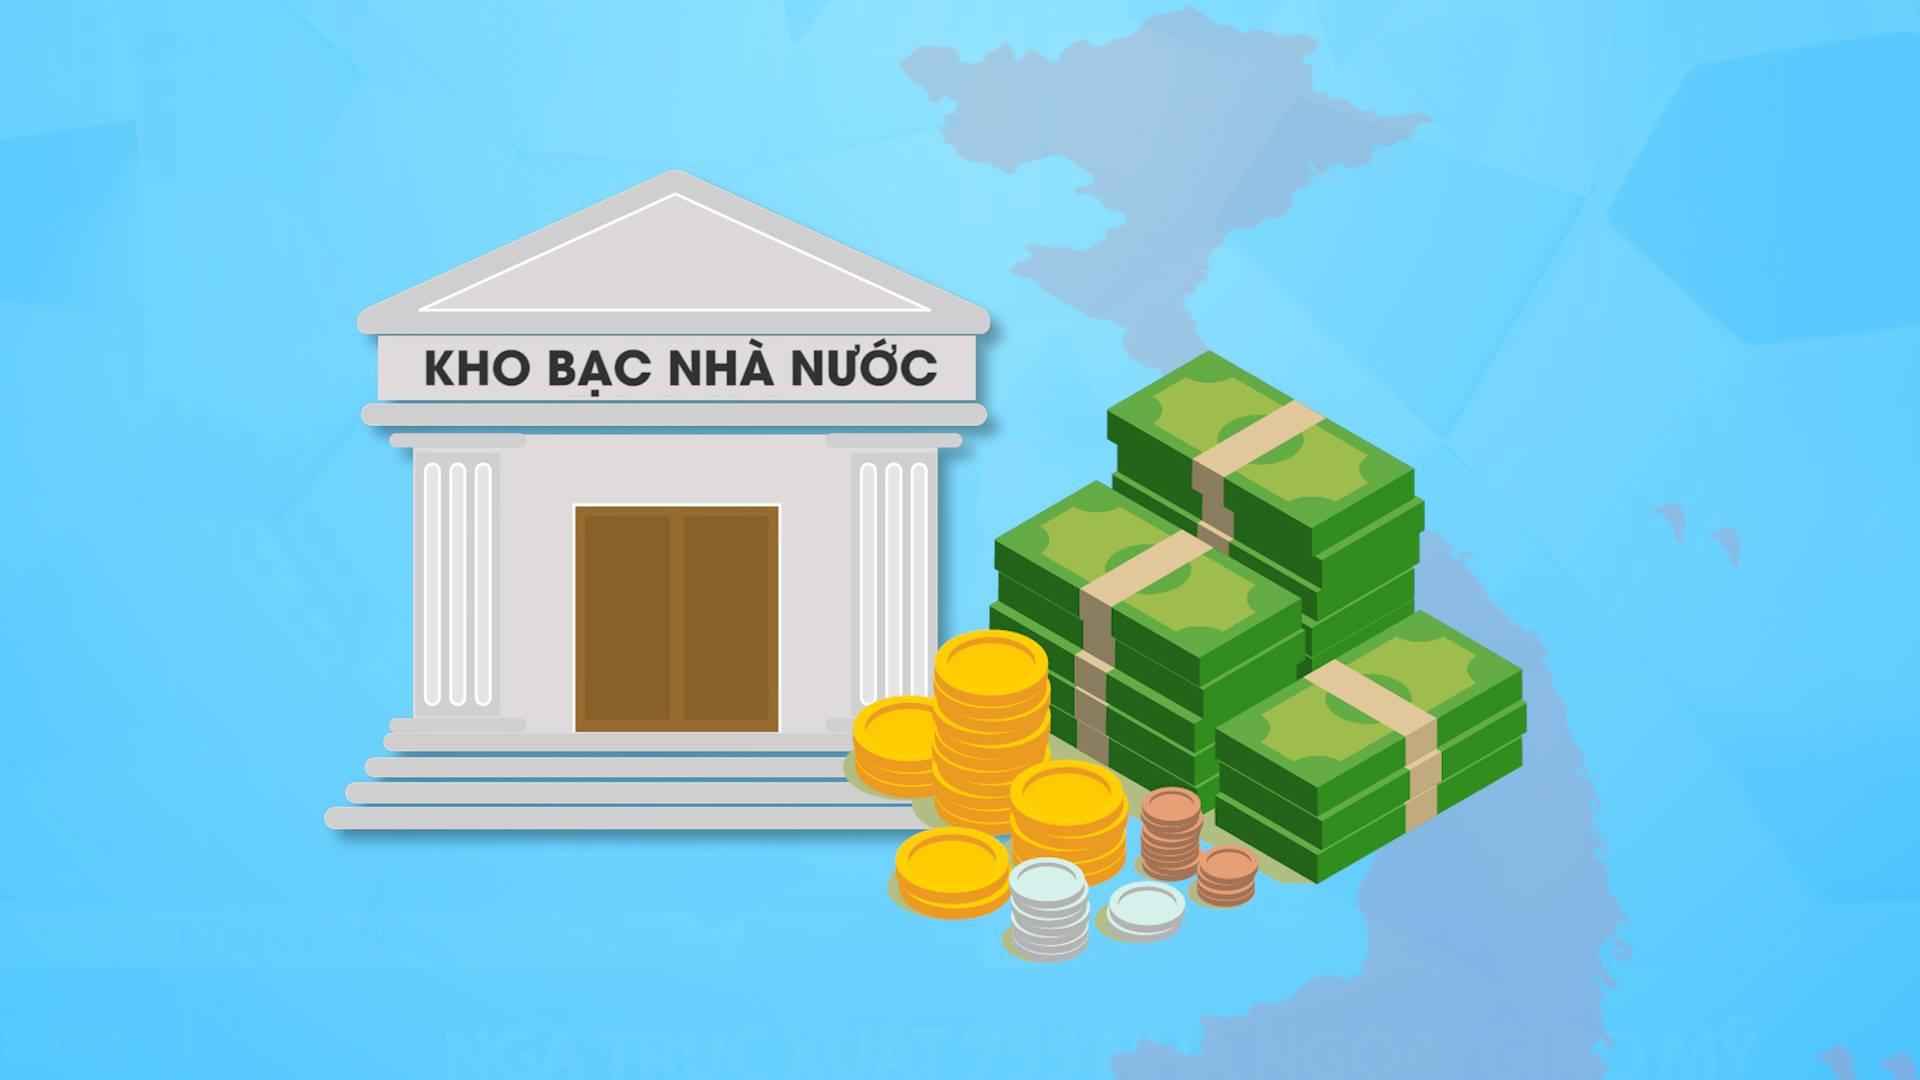 Mức xử phạt việc lập hồ sơ giả để chi ngân sách nhà nước chưa đến mức truy cứu trách nhiệm hình sự trong lĩnh vực kho bạc nhà nước